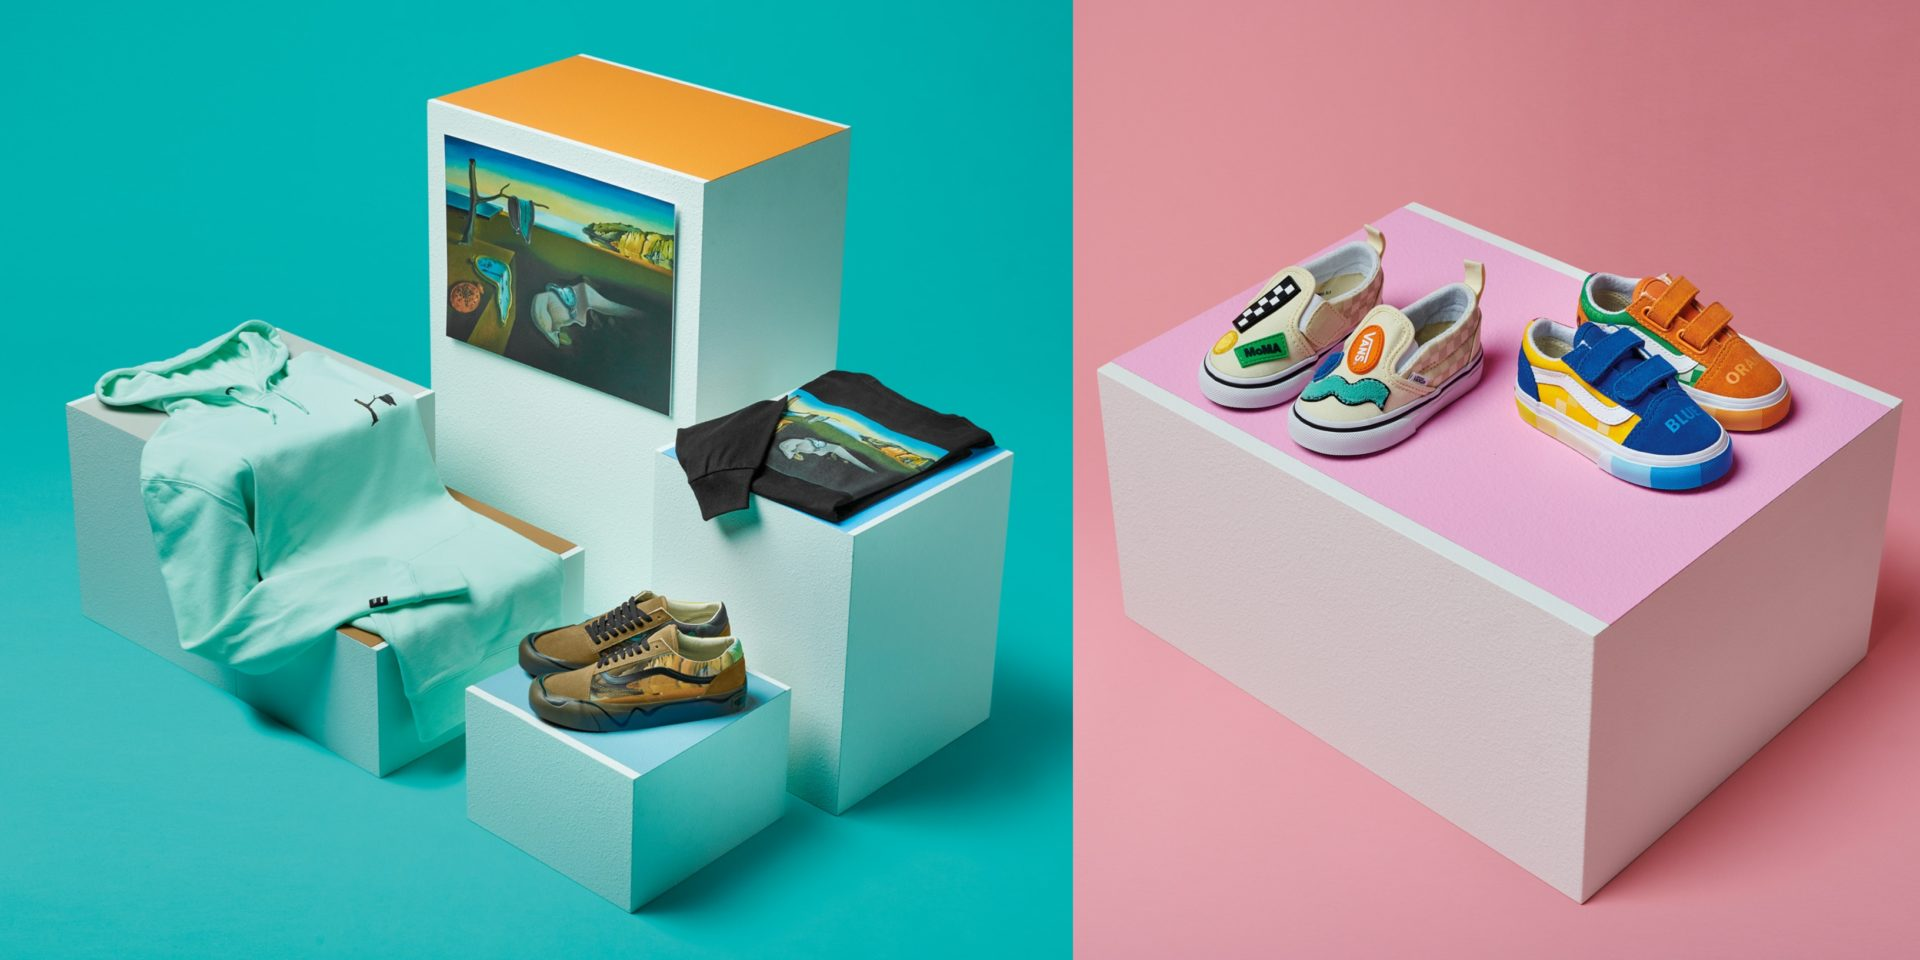 La collection Vans x MoMA a été lancée aujourd'hui! [PHOTOS]